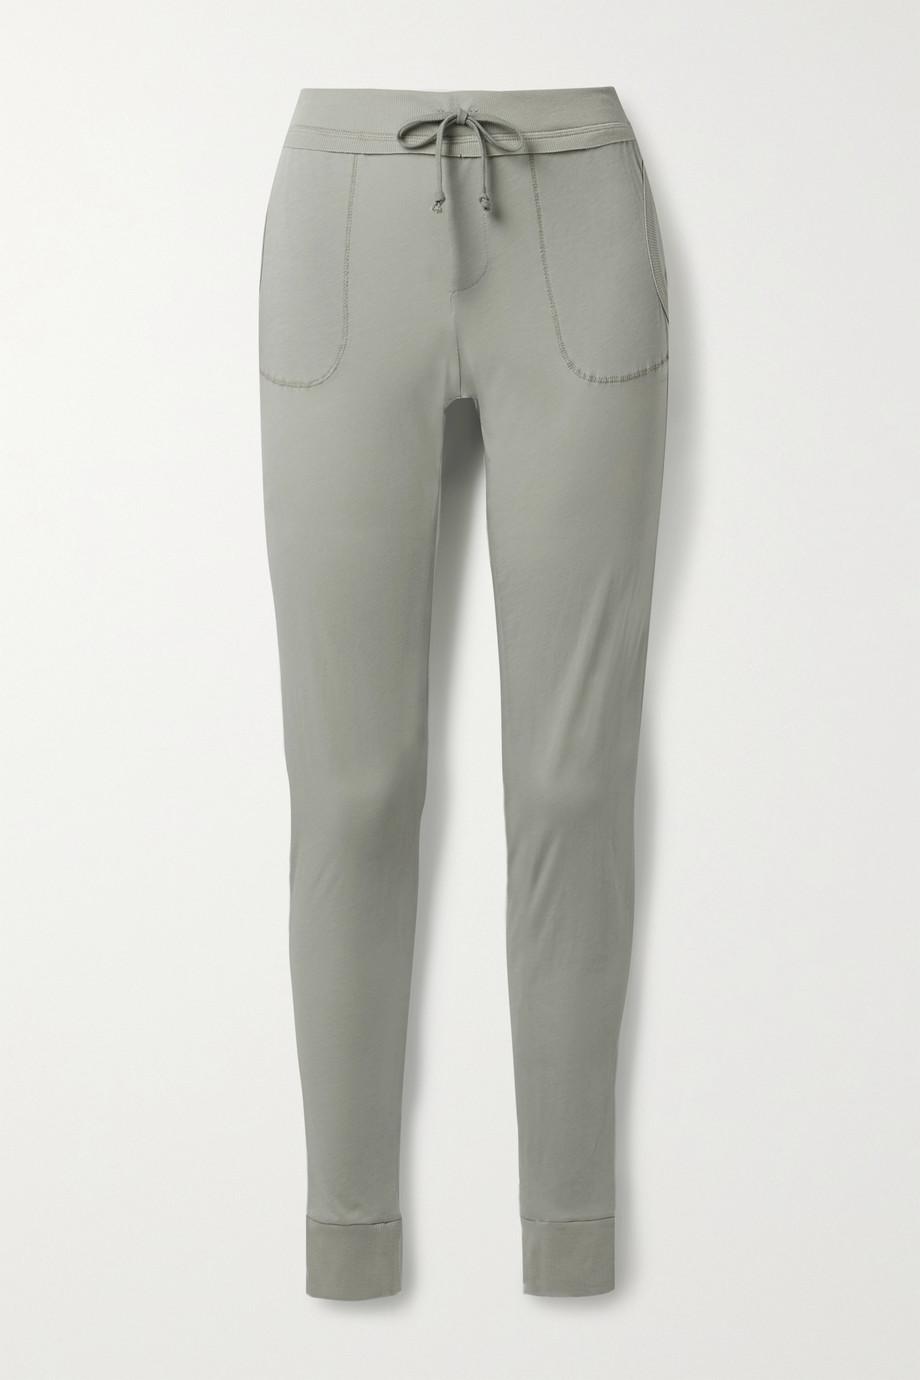 Skin Pantalon de survêtement en jersey de coton Pima biologique